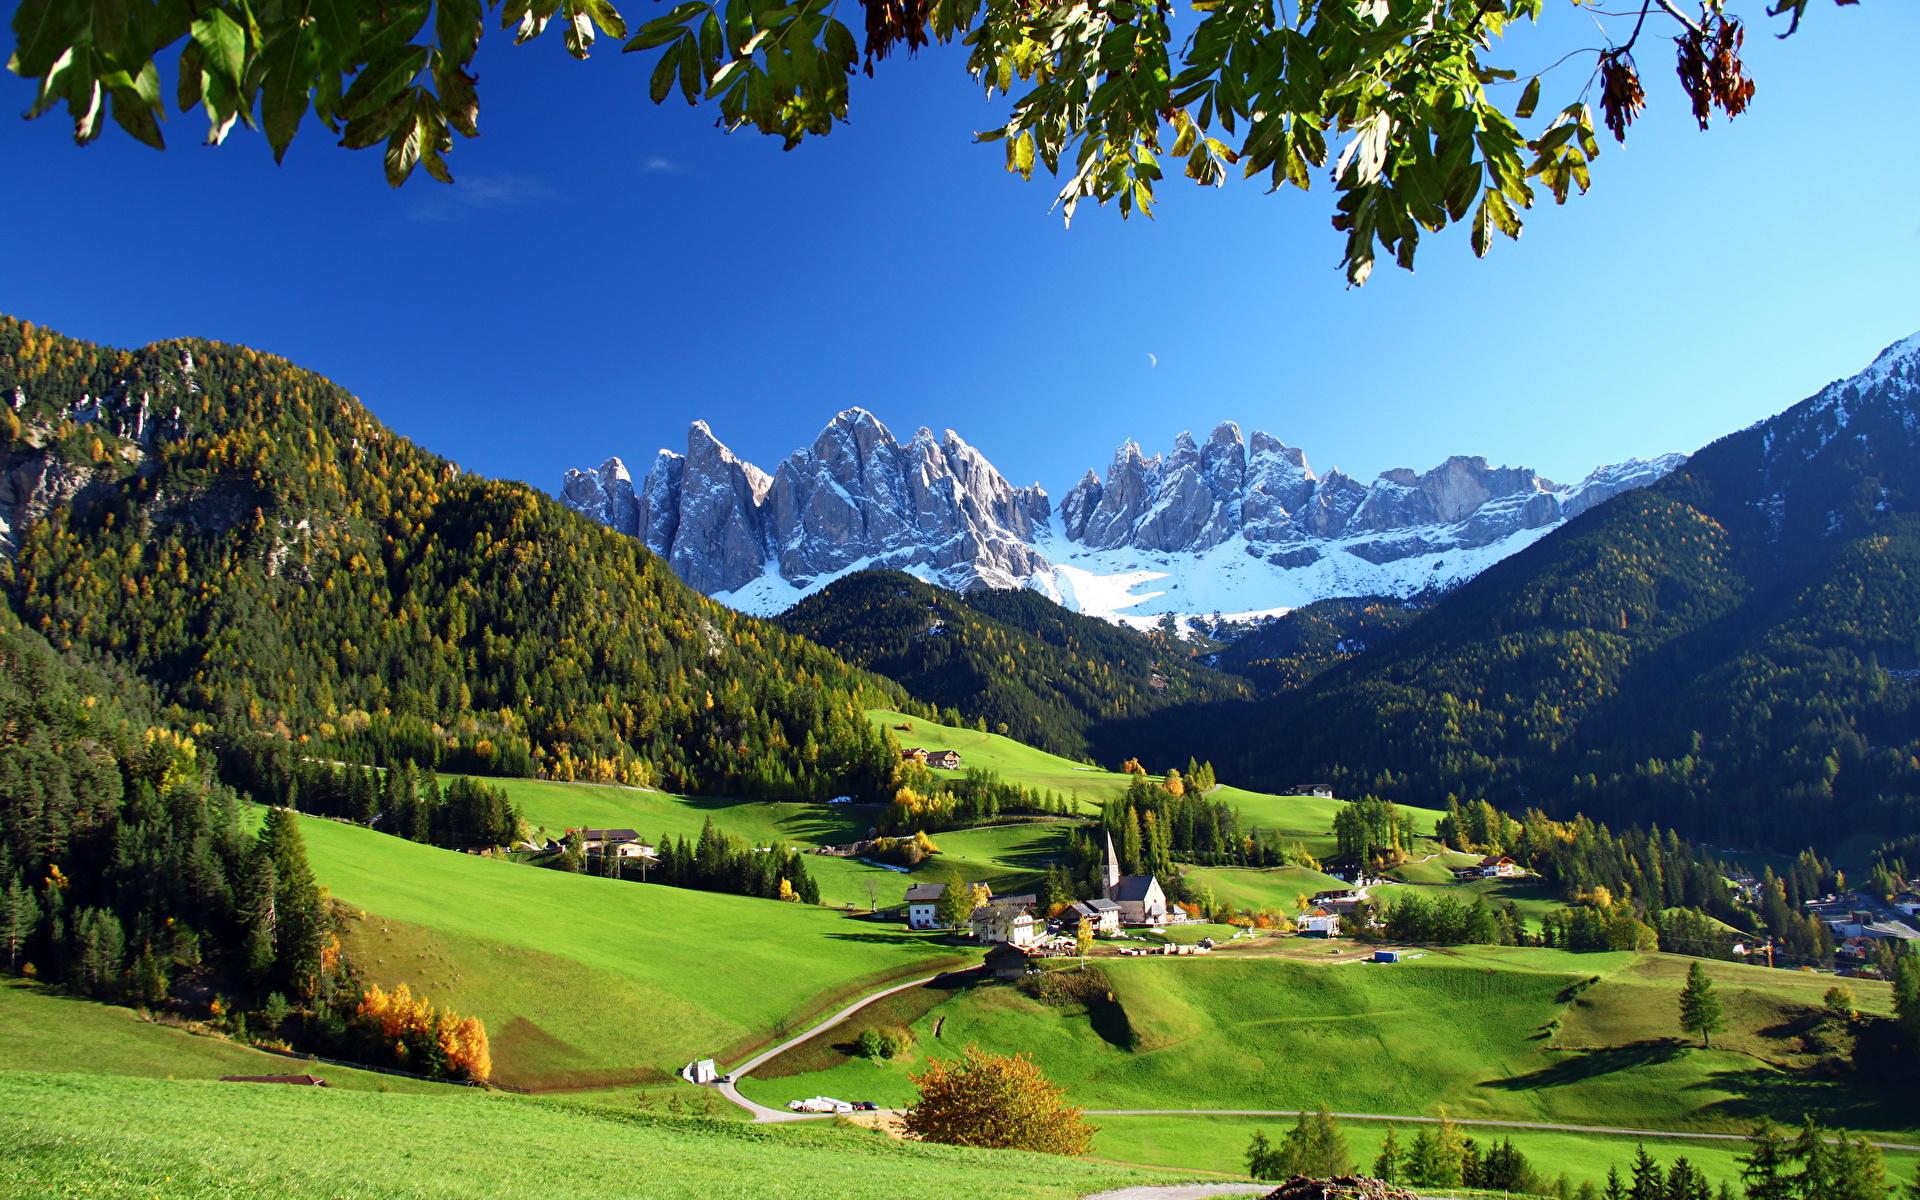 壁紙 19x10 風景写真 イタリア 山 草原 Funes 自然 ダウンロード 写真